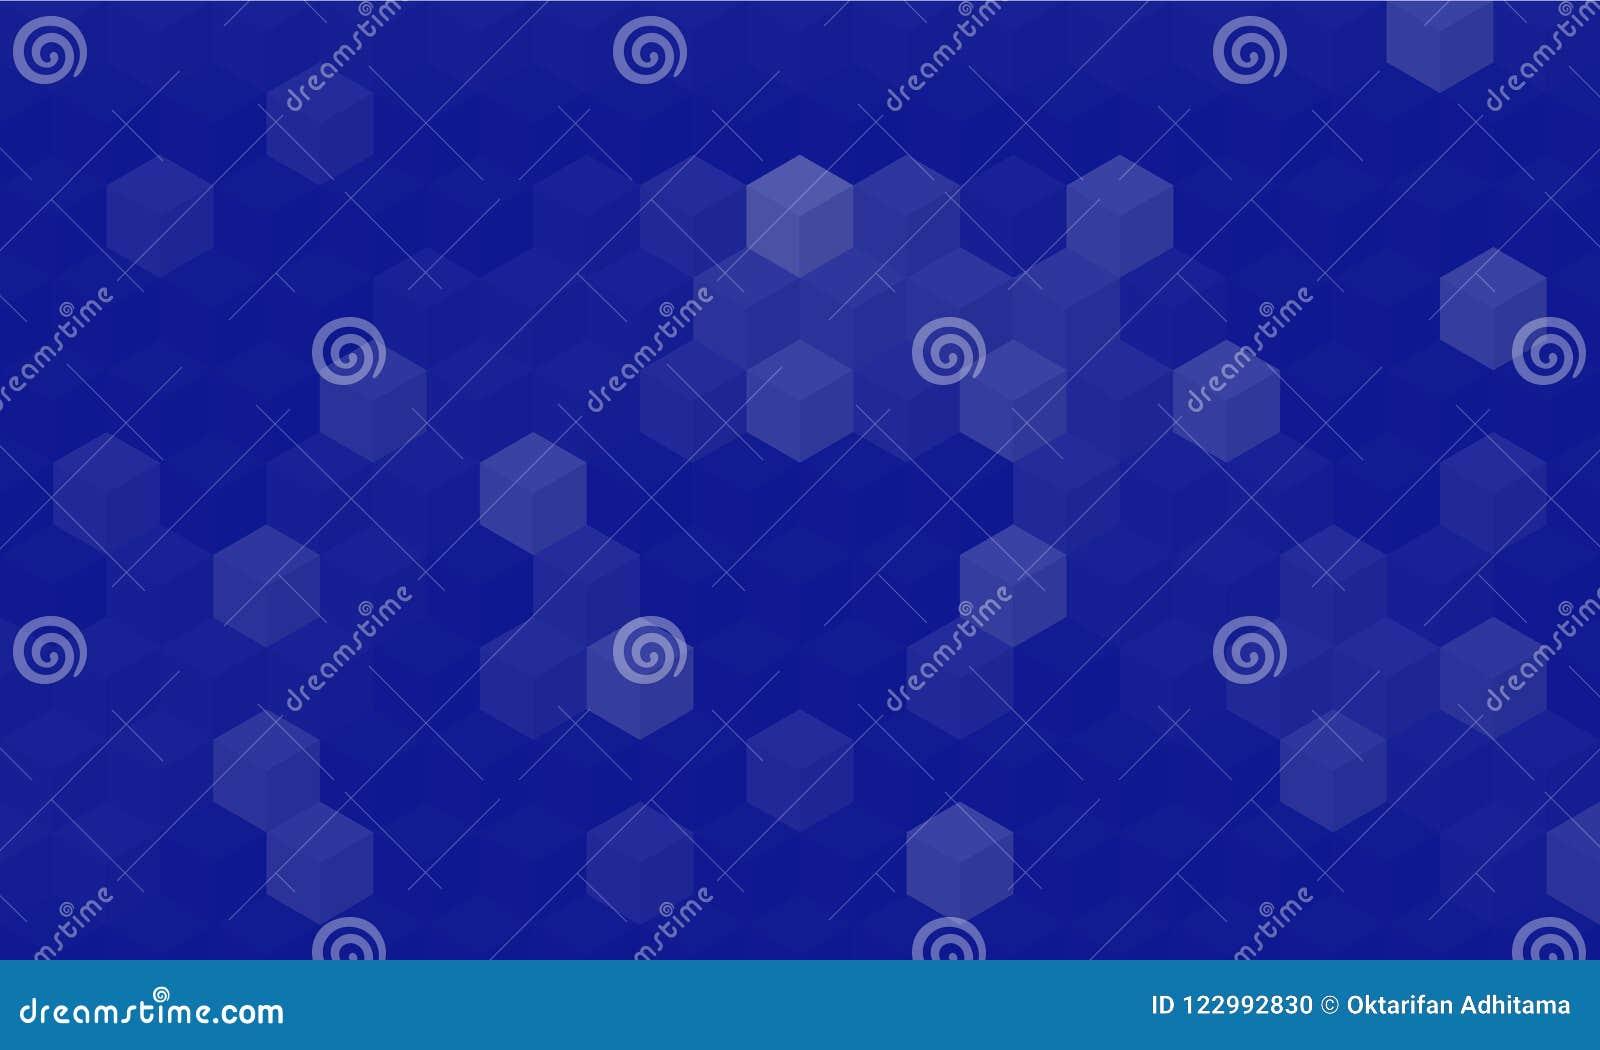 Περίληψη γεωμετρική με το μπλε υπόβαθρο